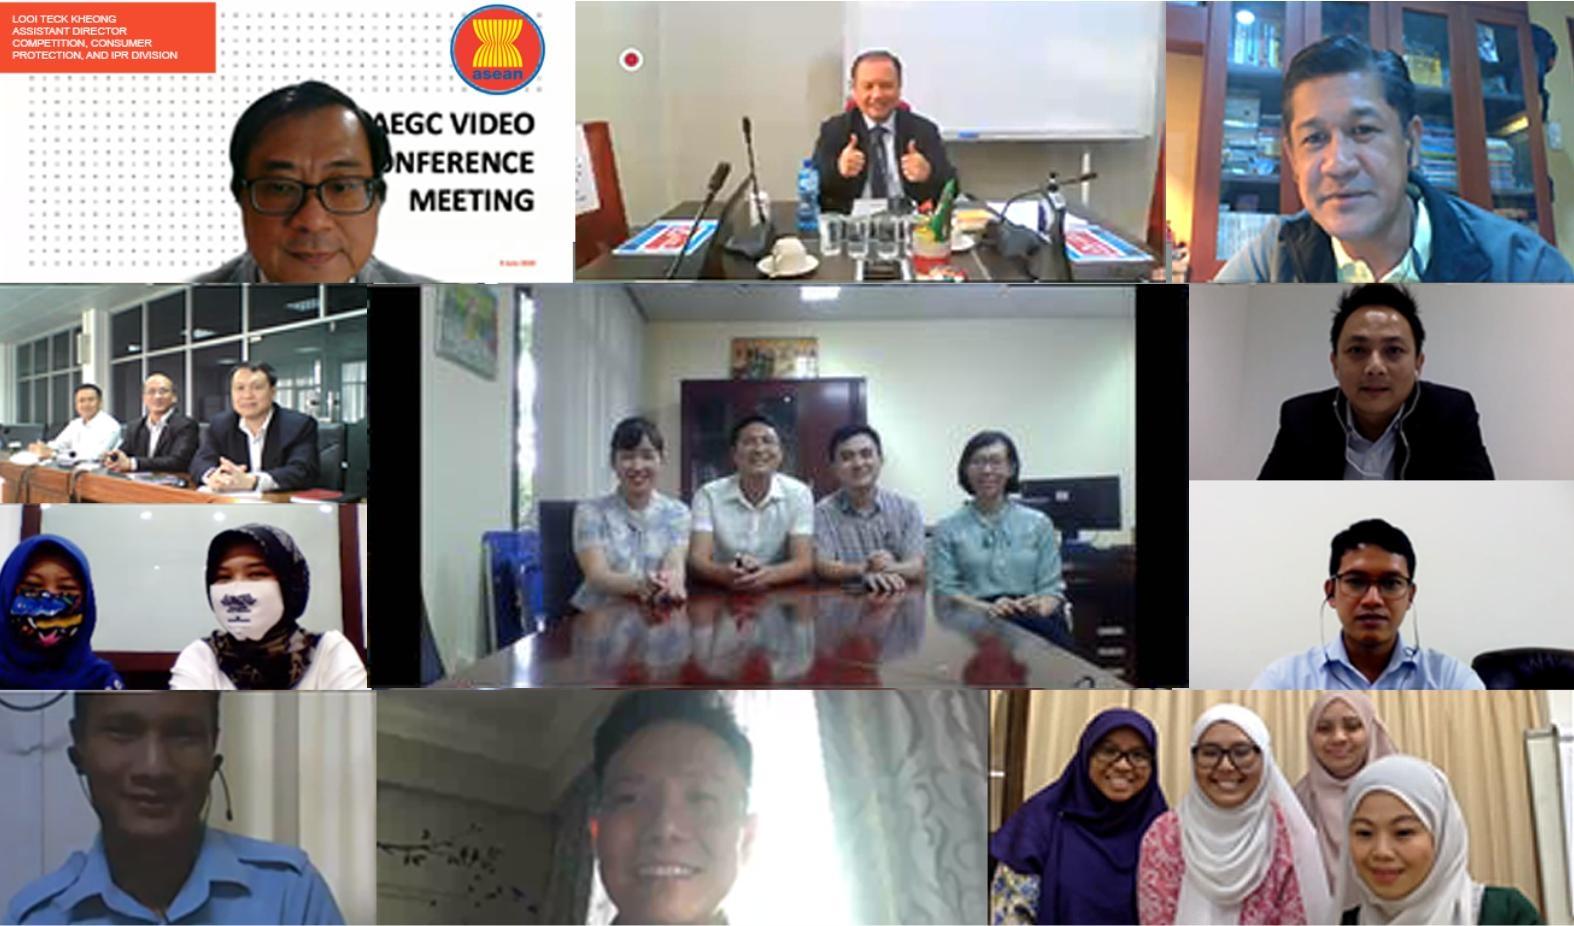 Việt Nam hoàn thành xuất sắc vai trò Chủ tịch AEGC 2020